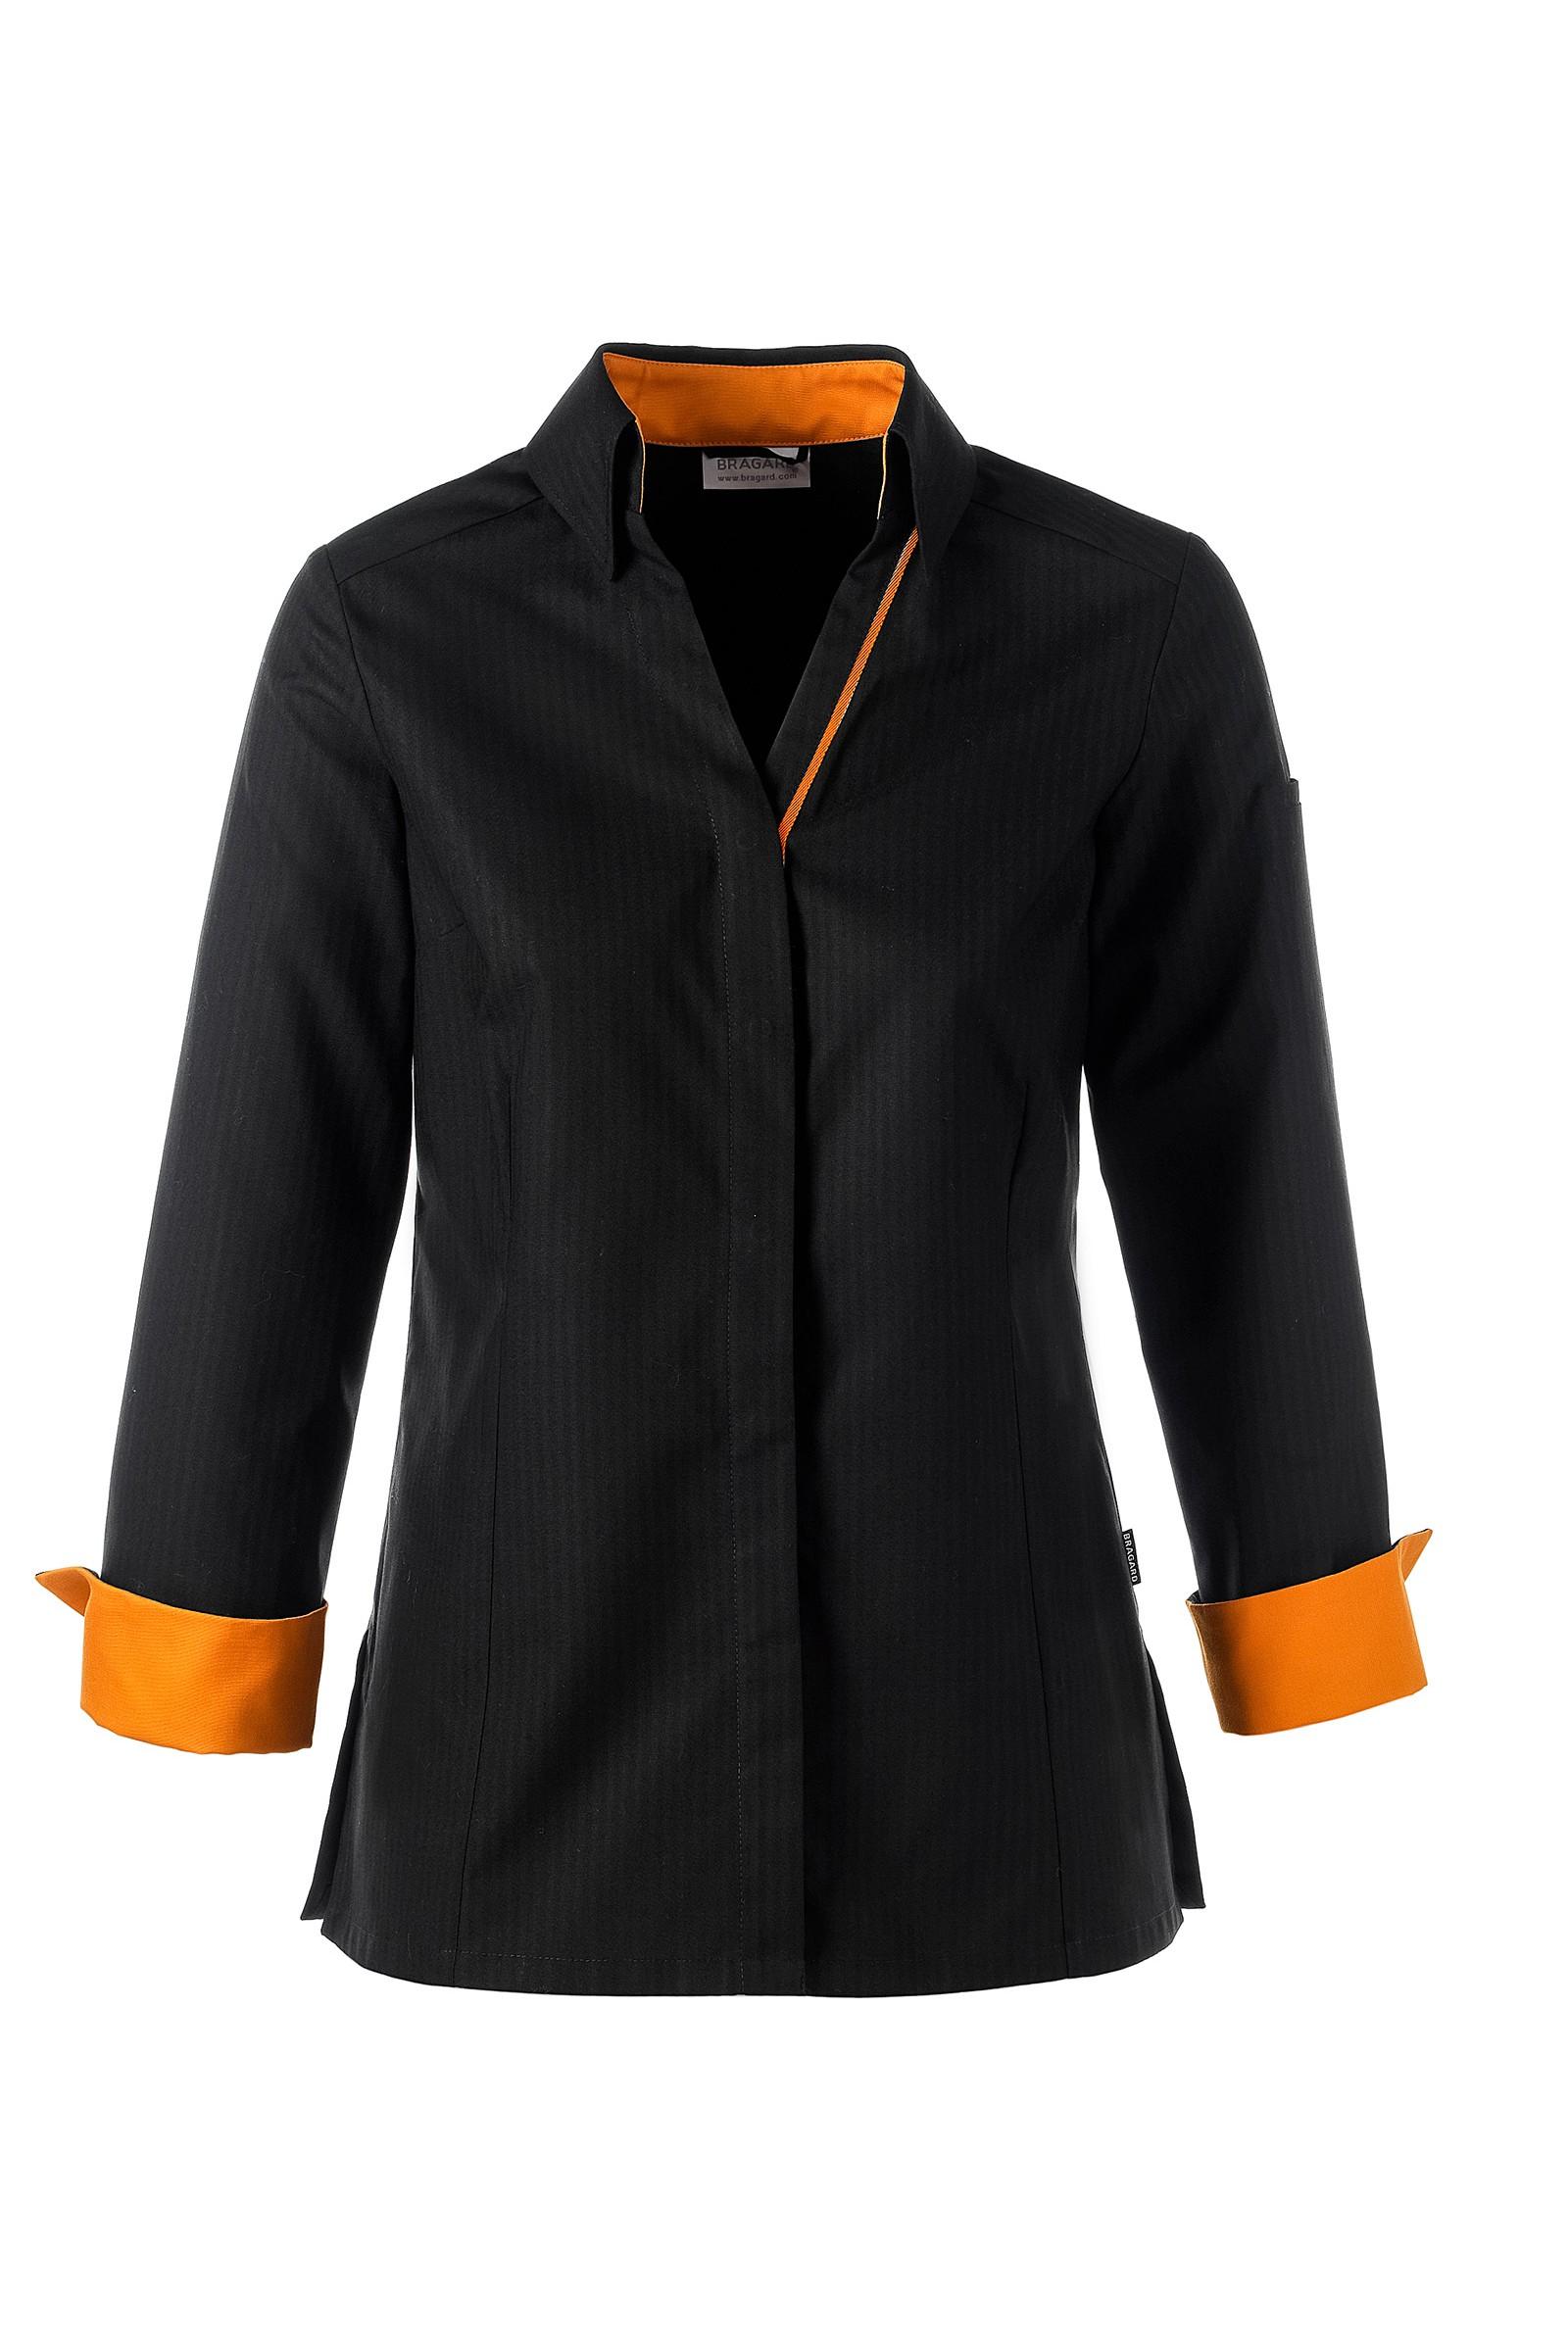 Vega veste cuisine femme clement veste cuisine suisse bouton veste cuisine - Clement veste de cuisine ...